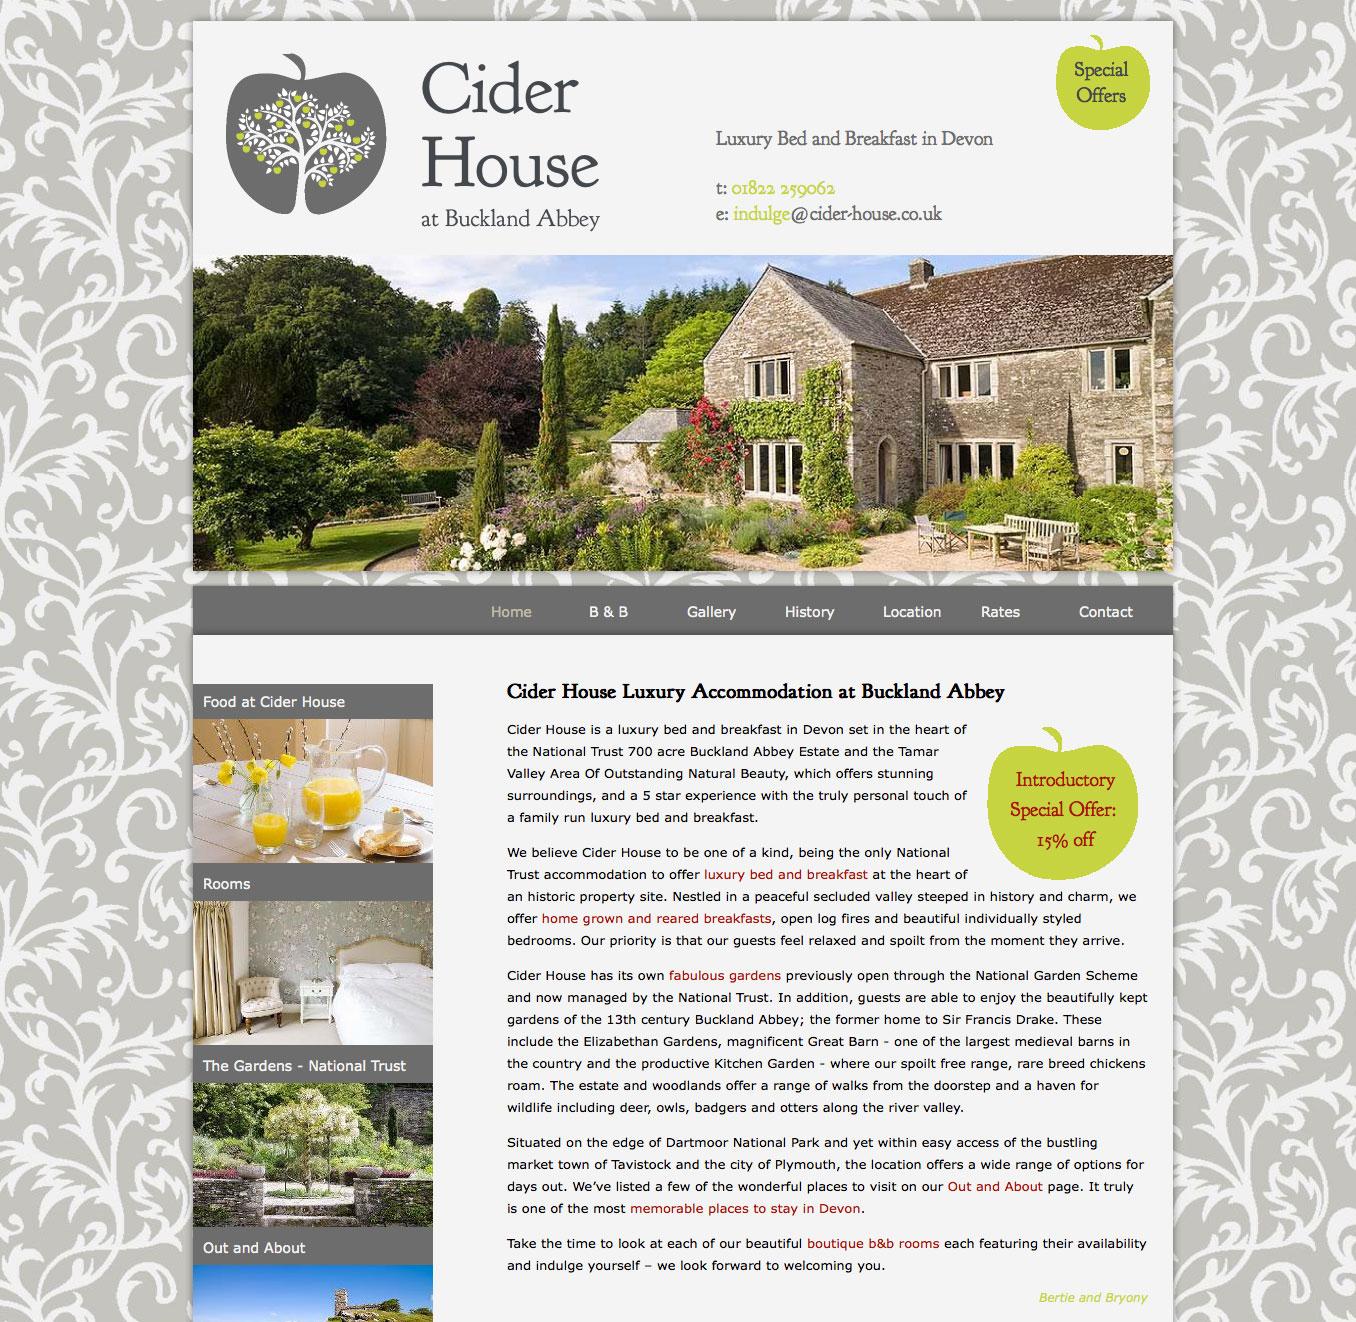 Website design for Cider House Bed & Brekfast